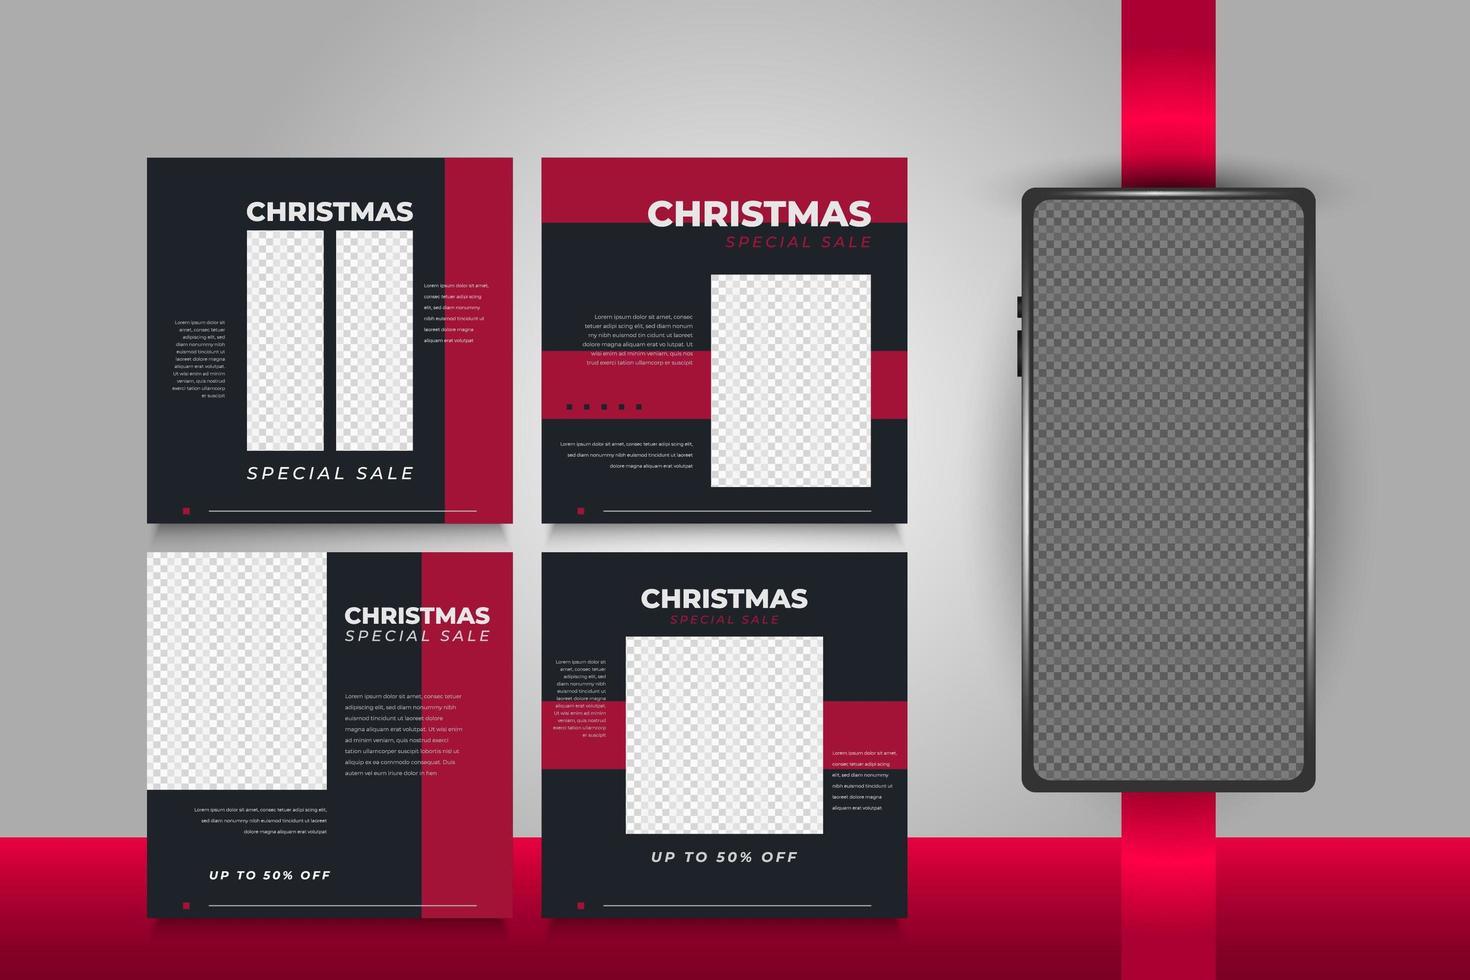 Weihnachts-Social-Media-Post-Vorlagen für Werbung oder Verkaufsförderung vektor